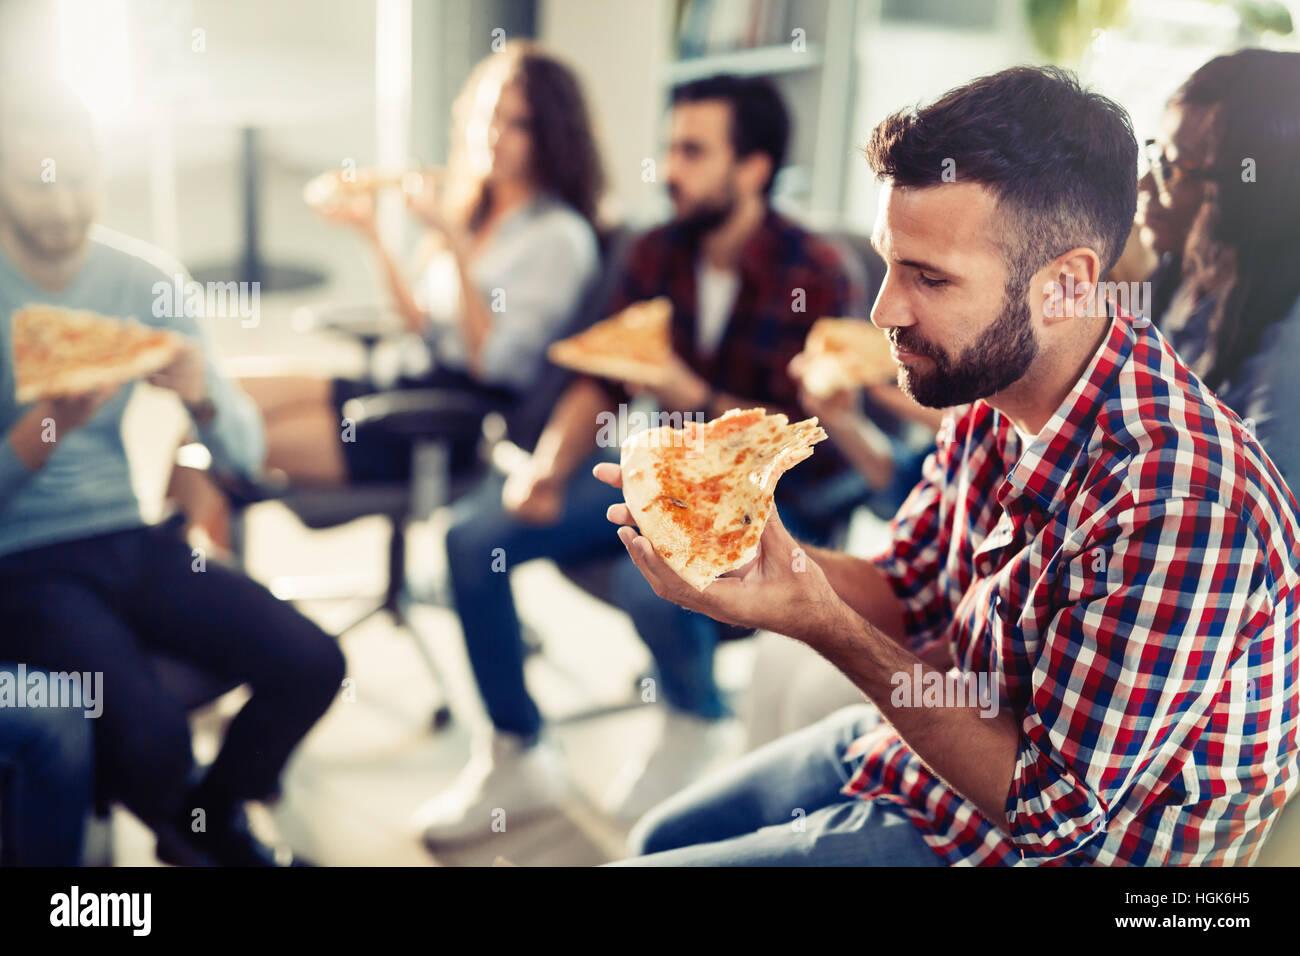 Kollegen Essen Pizza während der Arbeit im Büro zu brechen Stockbild